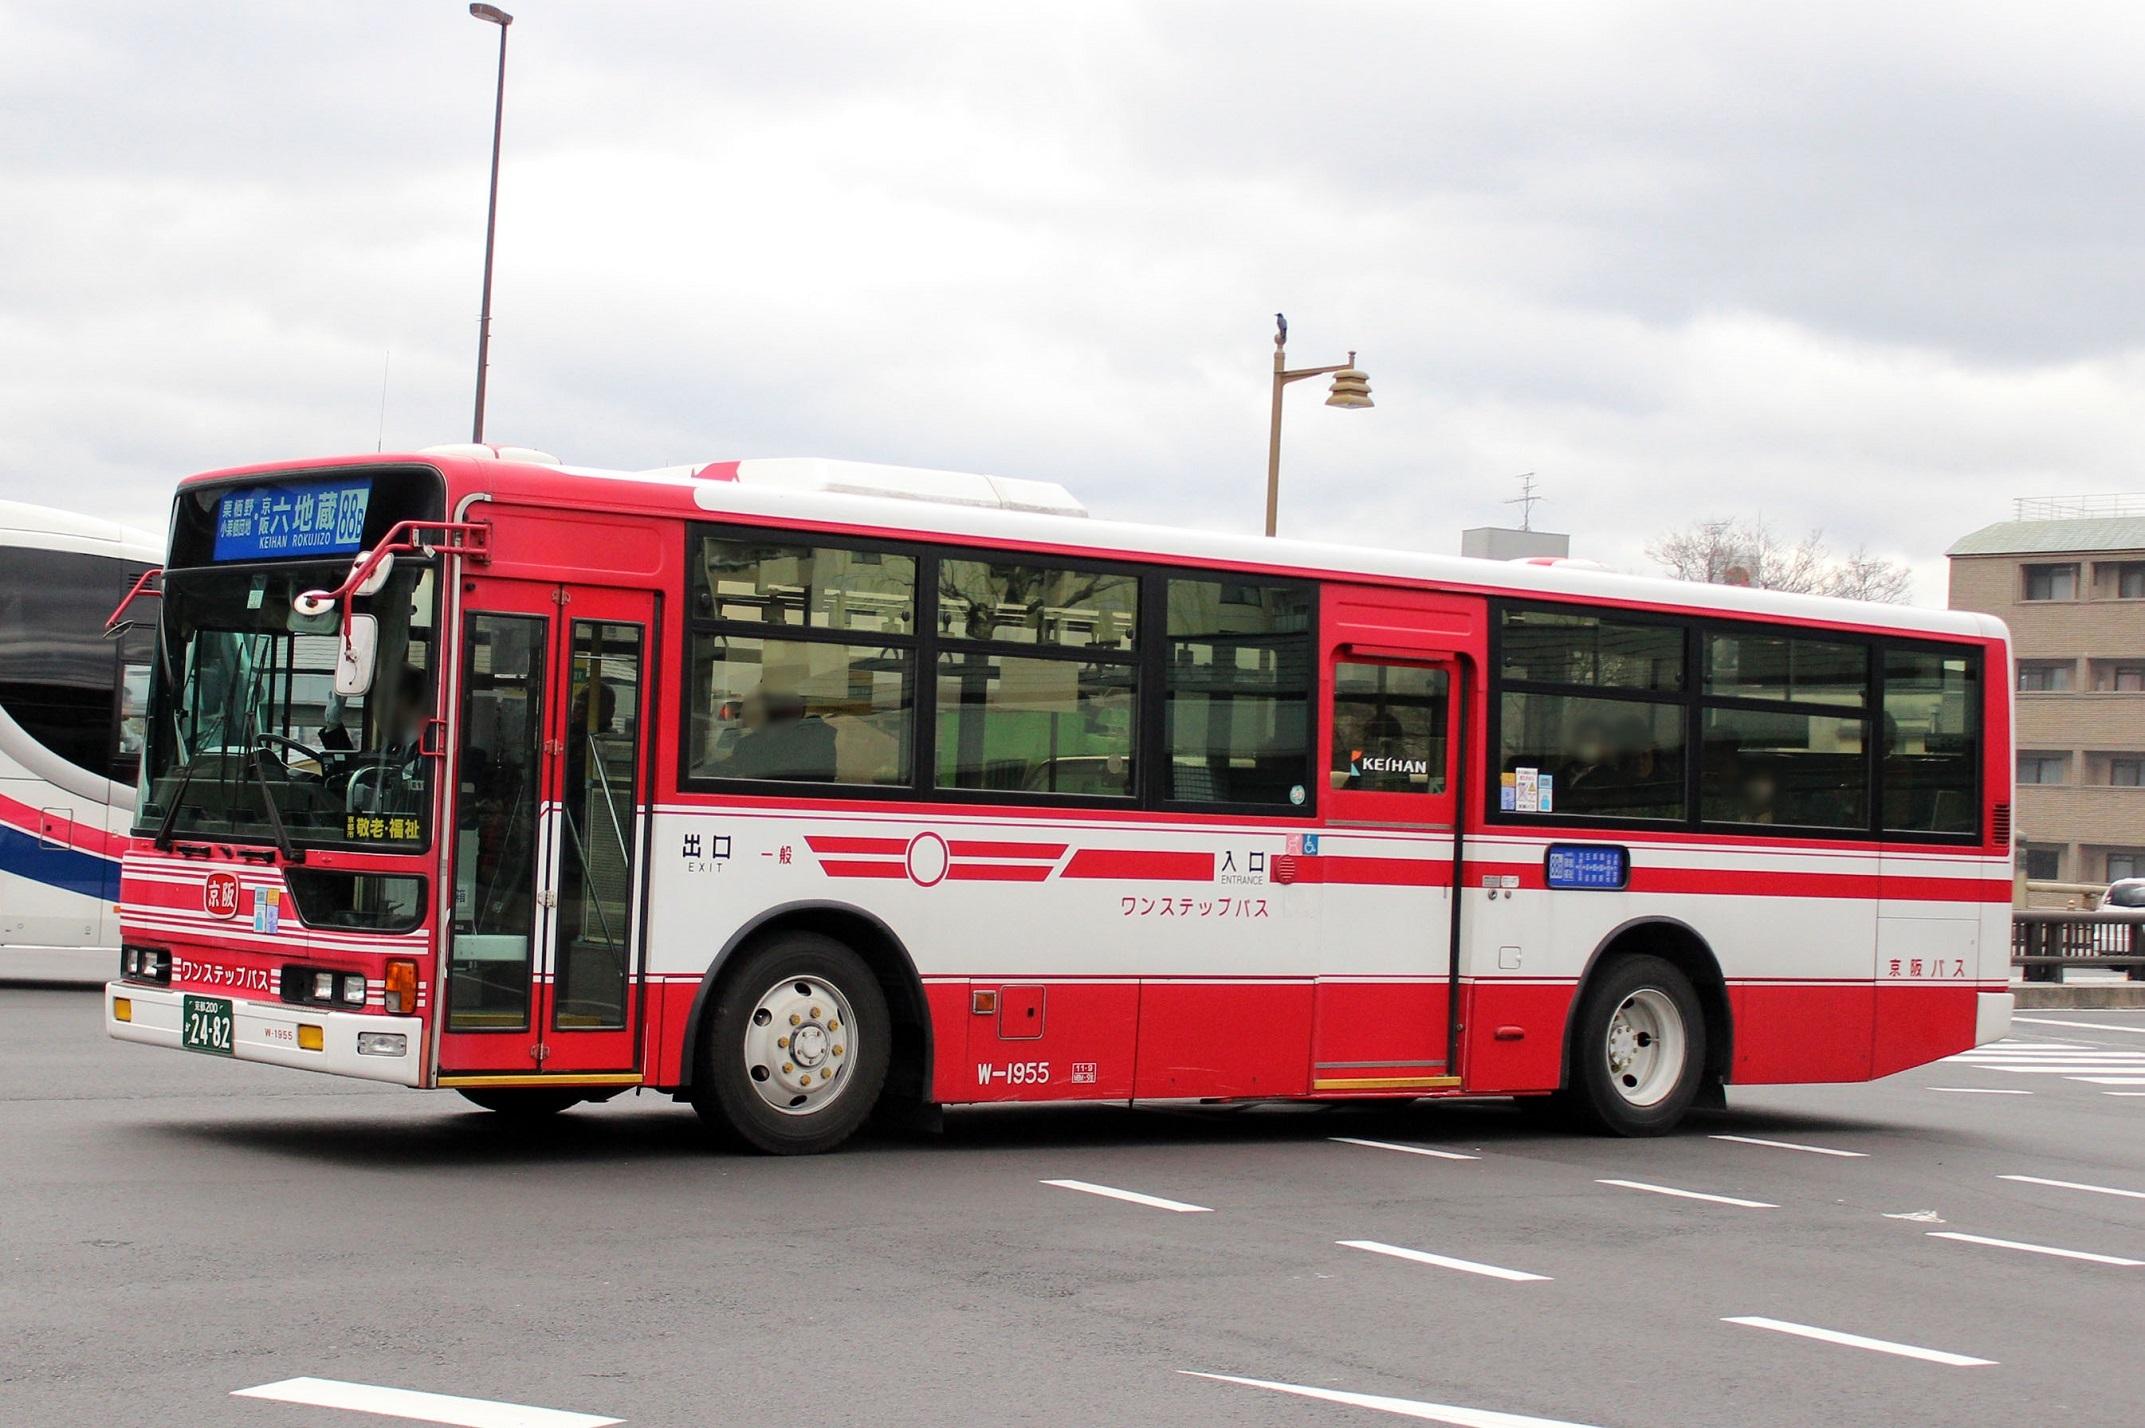 京阪バス W-1955